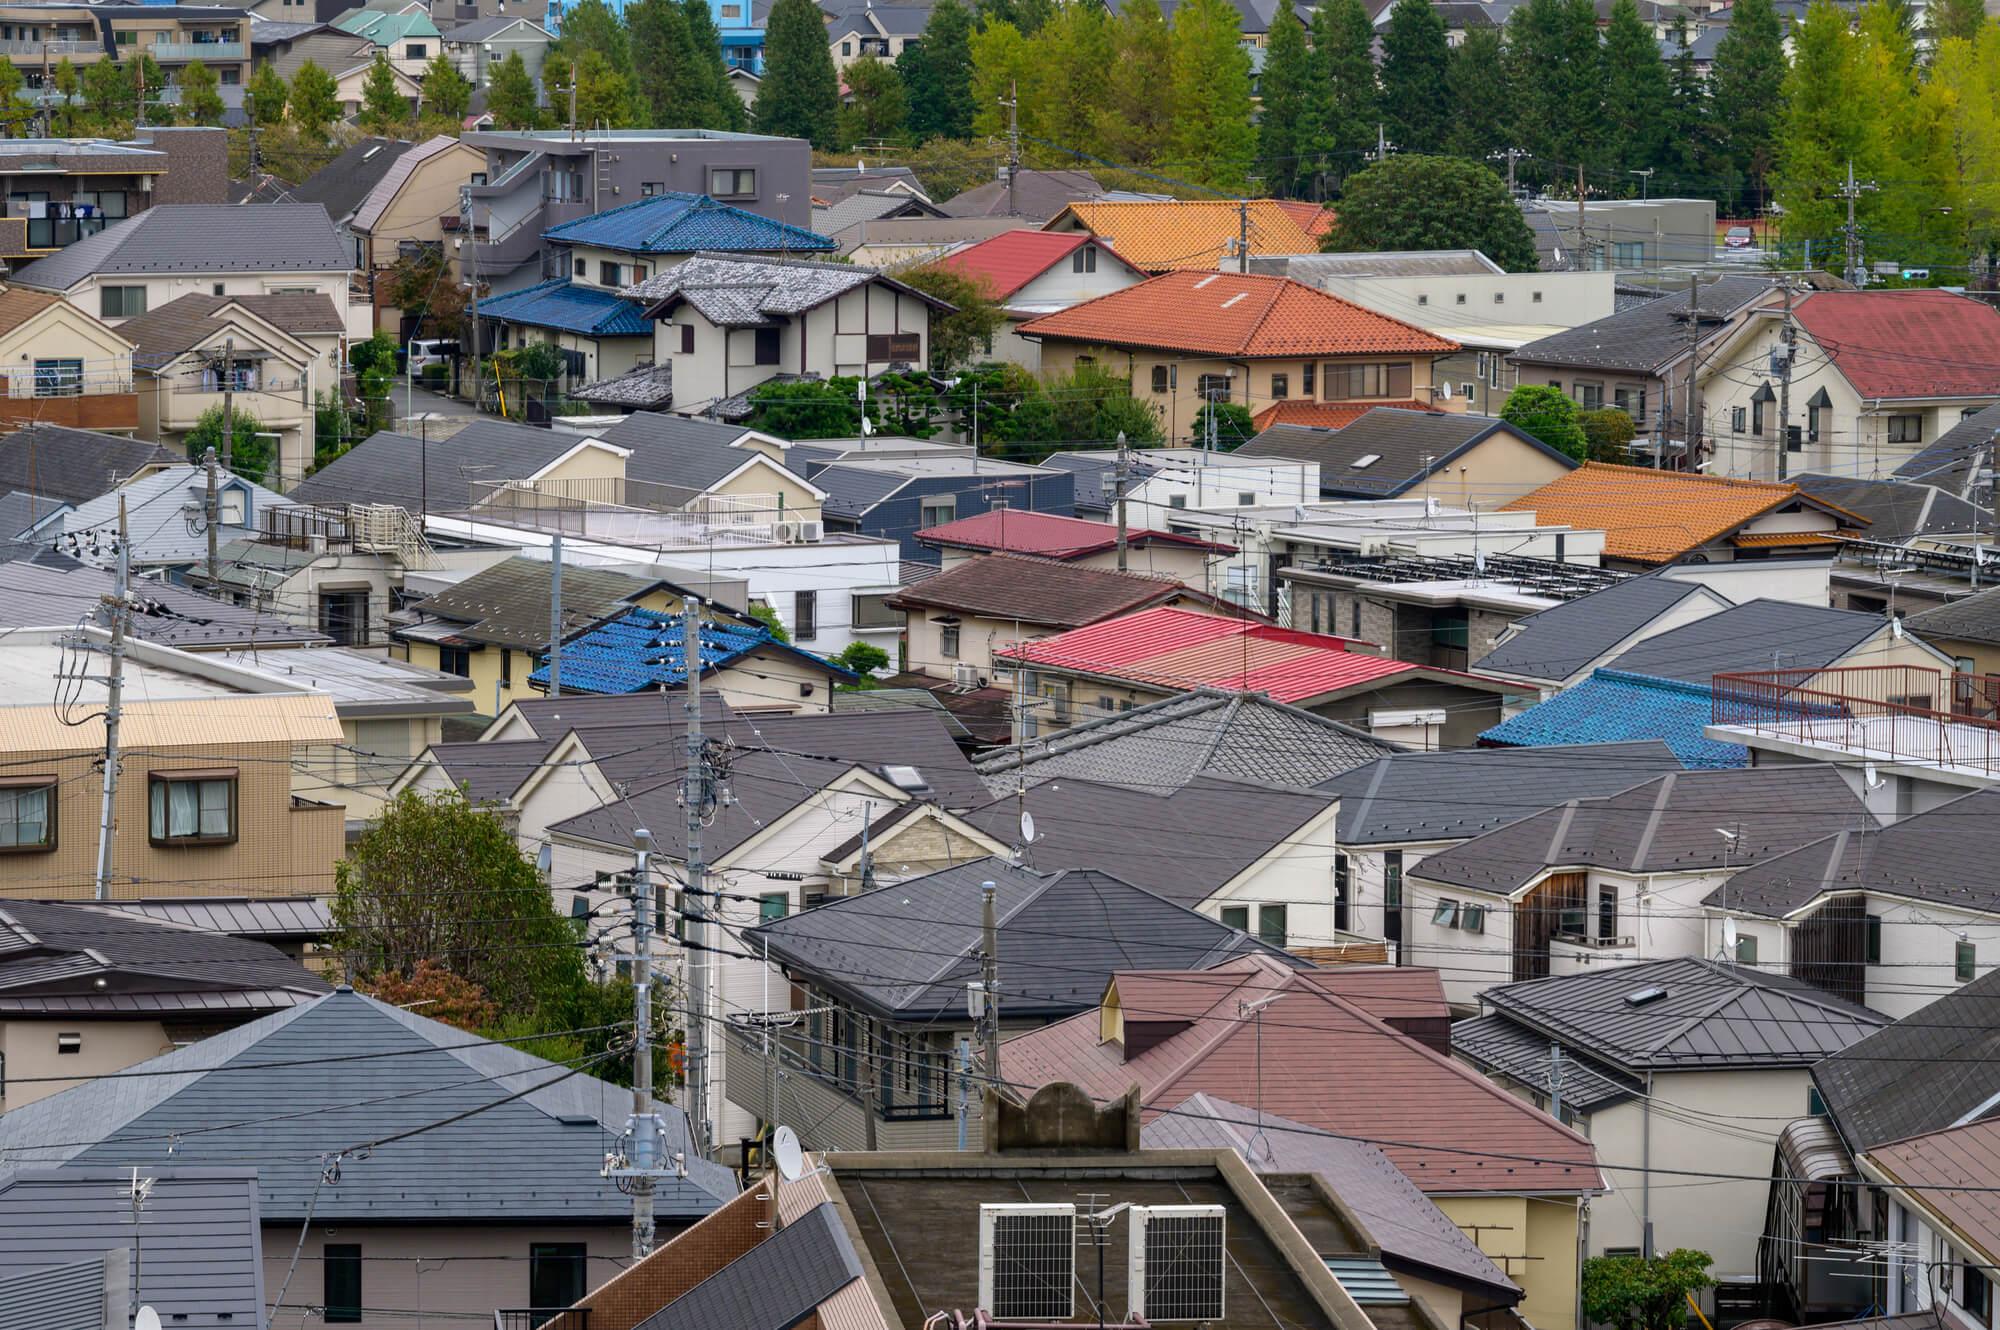 【無利子・無担保融資】コロナ渦に生まれた10つの不動産経営支援案